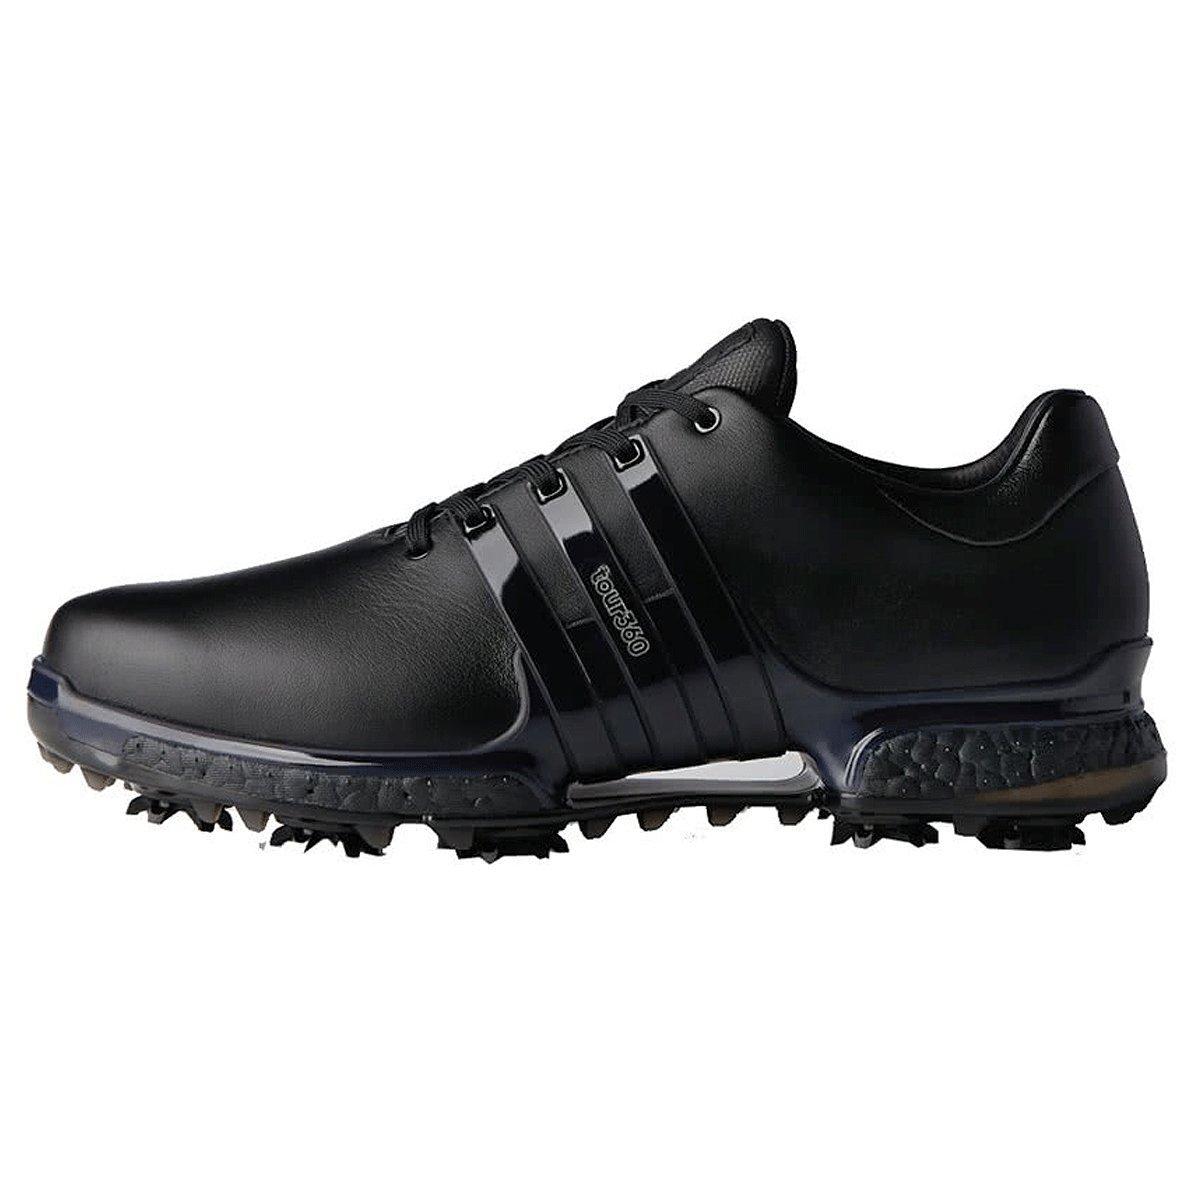 the latest 03292 56d86 adidas Tour 360 Boost 2.0, Chaussures de Golf Homme Amazon.fr Chaussures  et Sacs